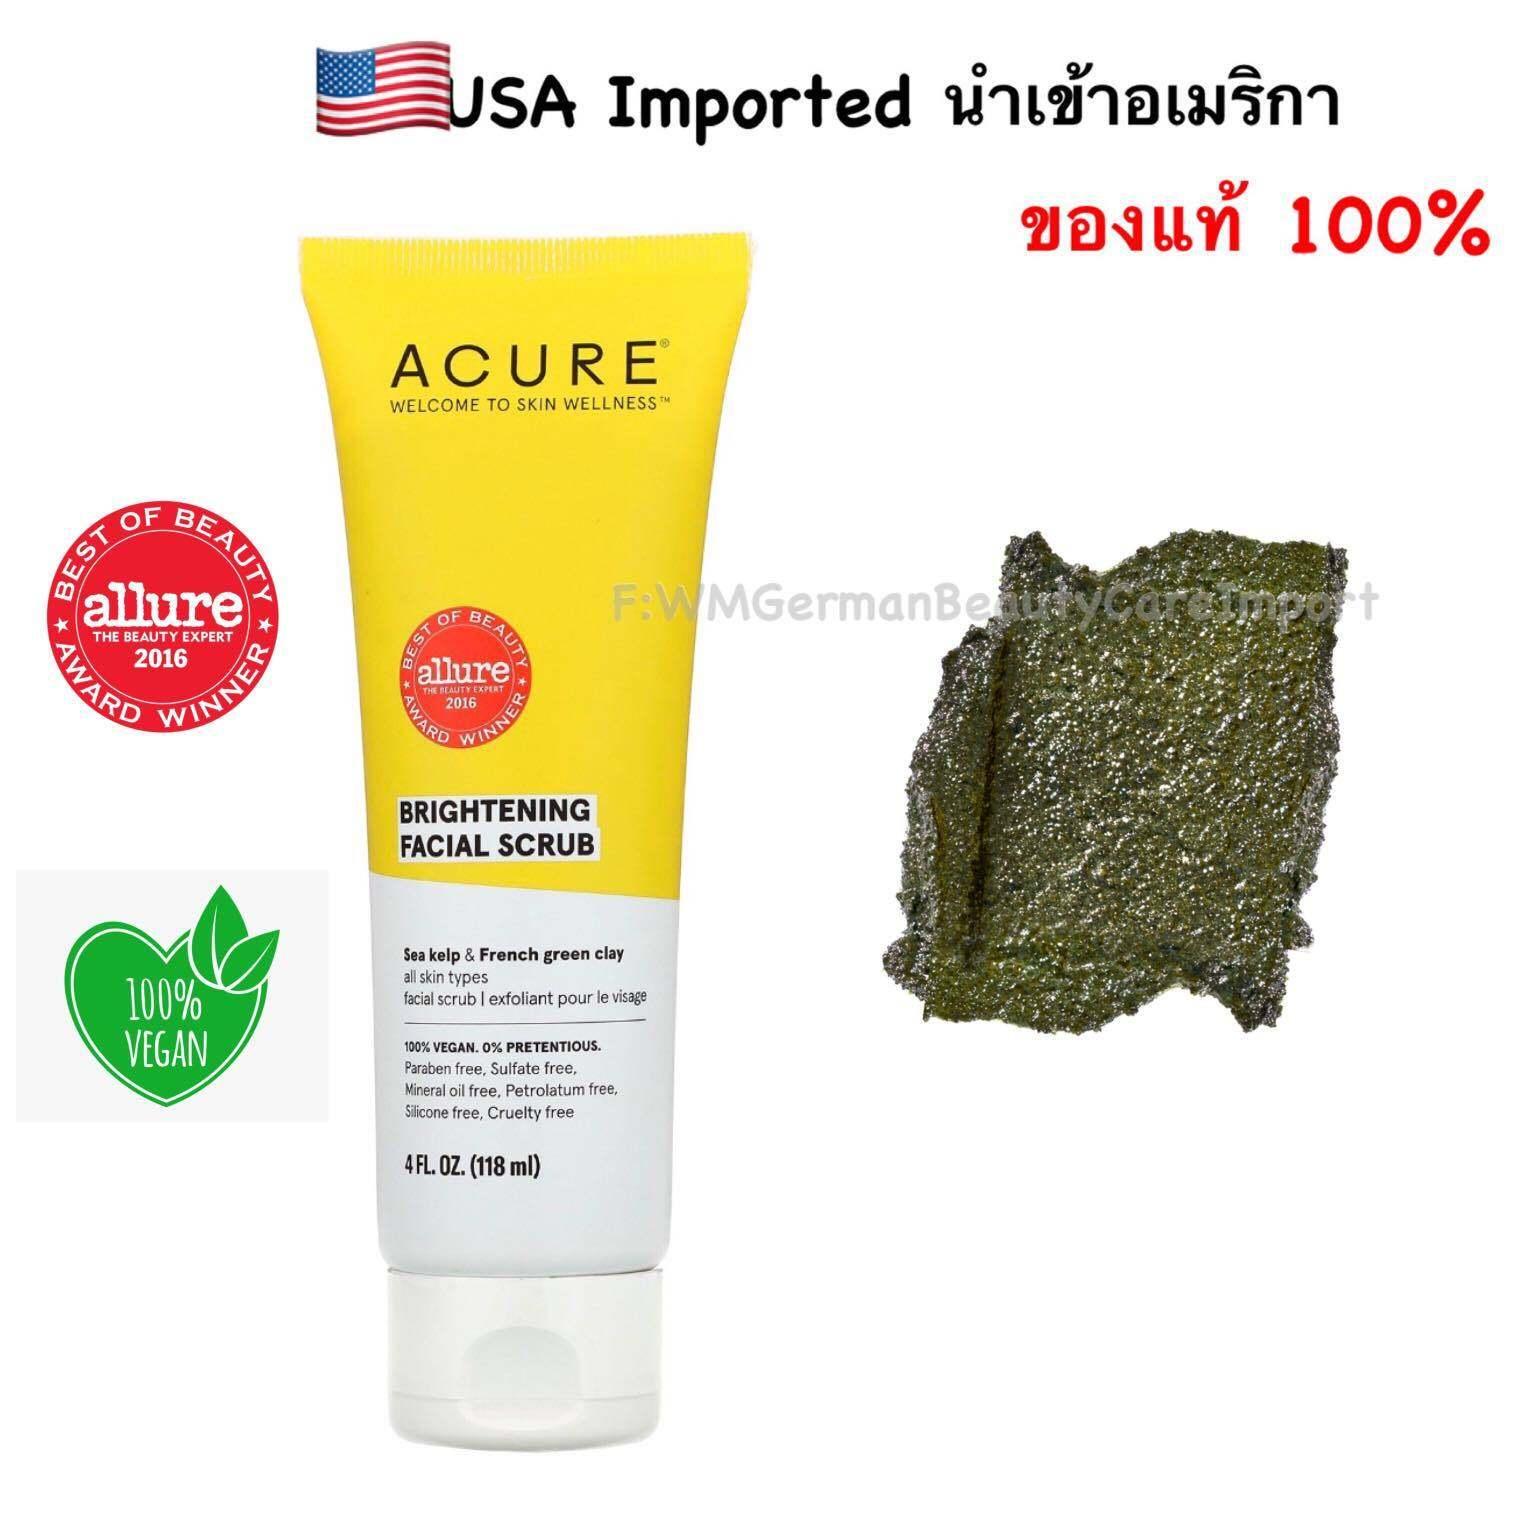 พร้อมส่ง สครับผิวหน้า ขัดผิว กระจ่างใส 100% Vegan Acure Brightening Facial Scrub,sea Kelp & French Green Clay 118 Ml ของแท้ นำเข้าจากอเมริกา.